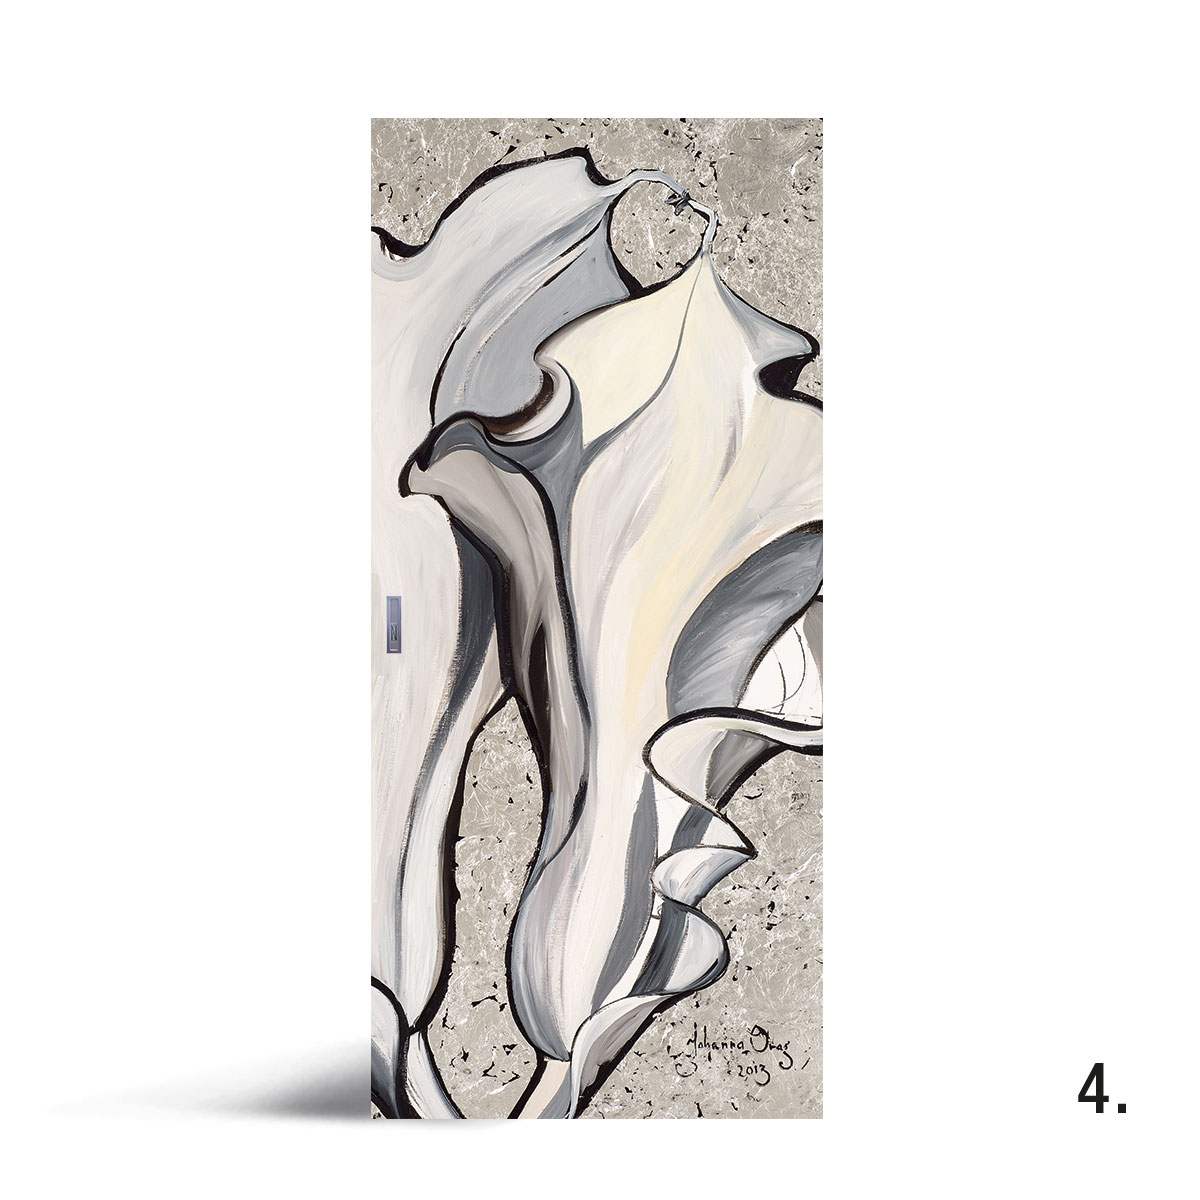 Liune Taide - D20 by Johanna Oras: Rakkauden pyörteissä